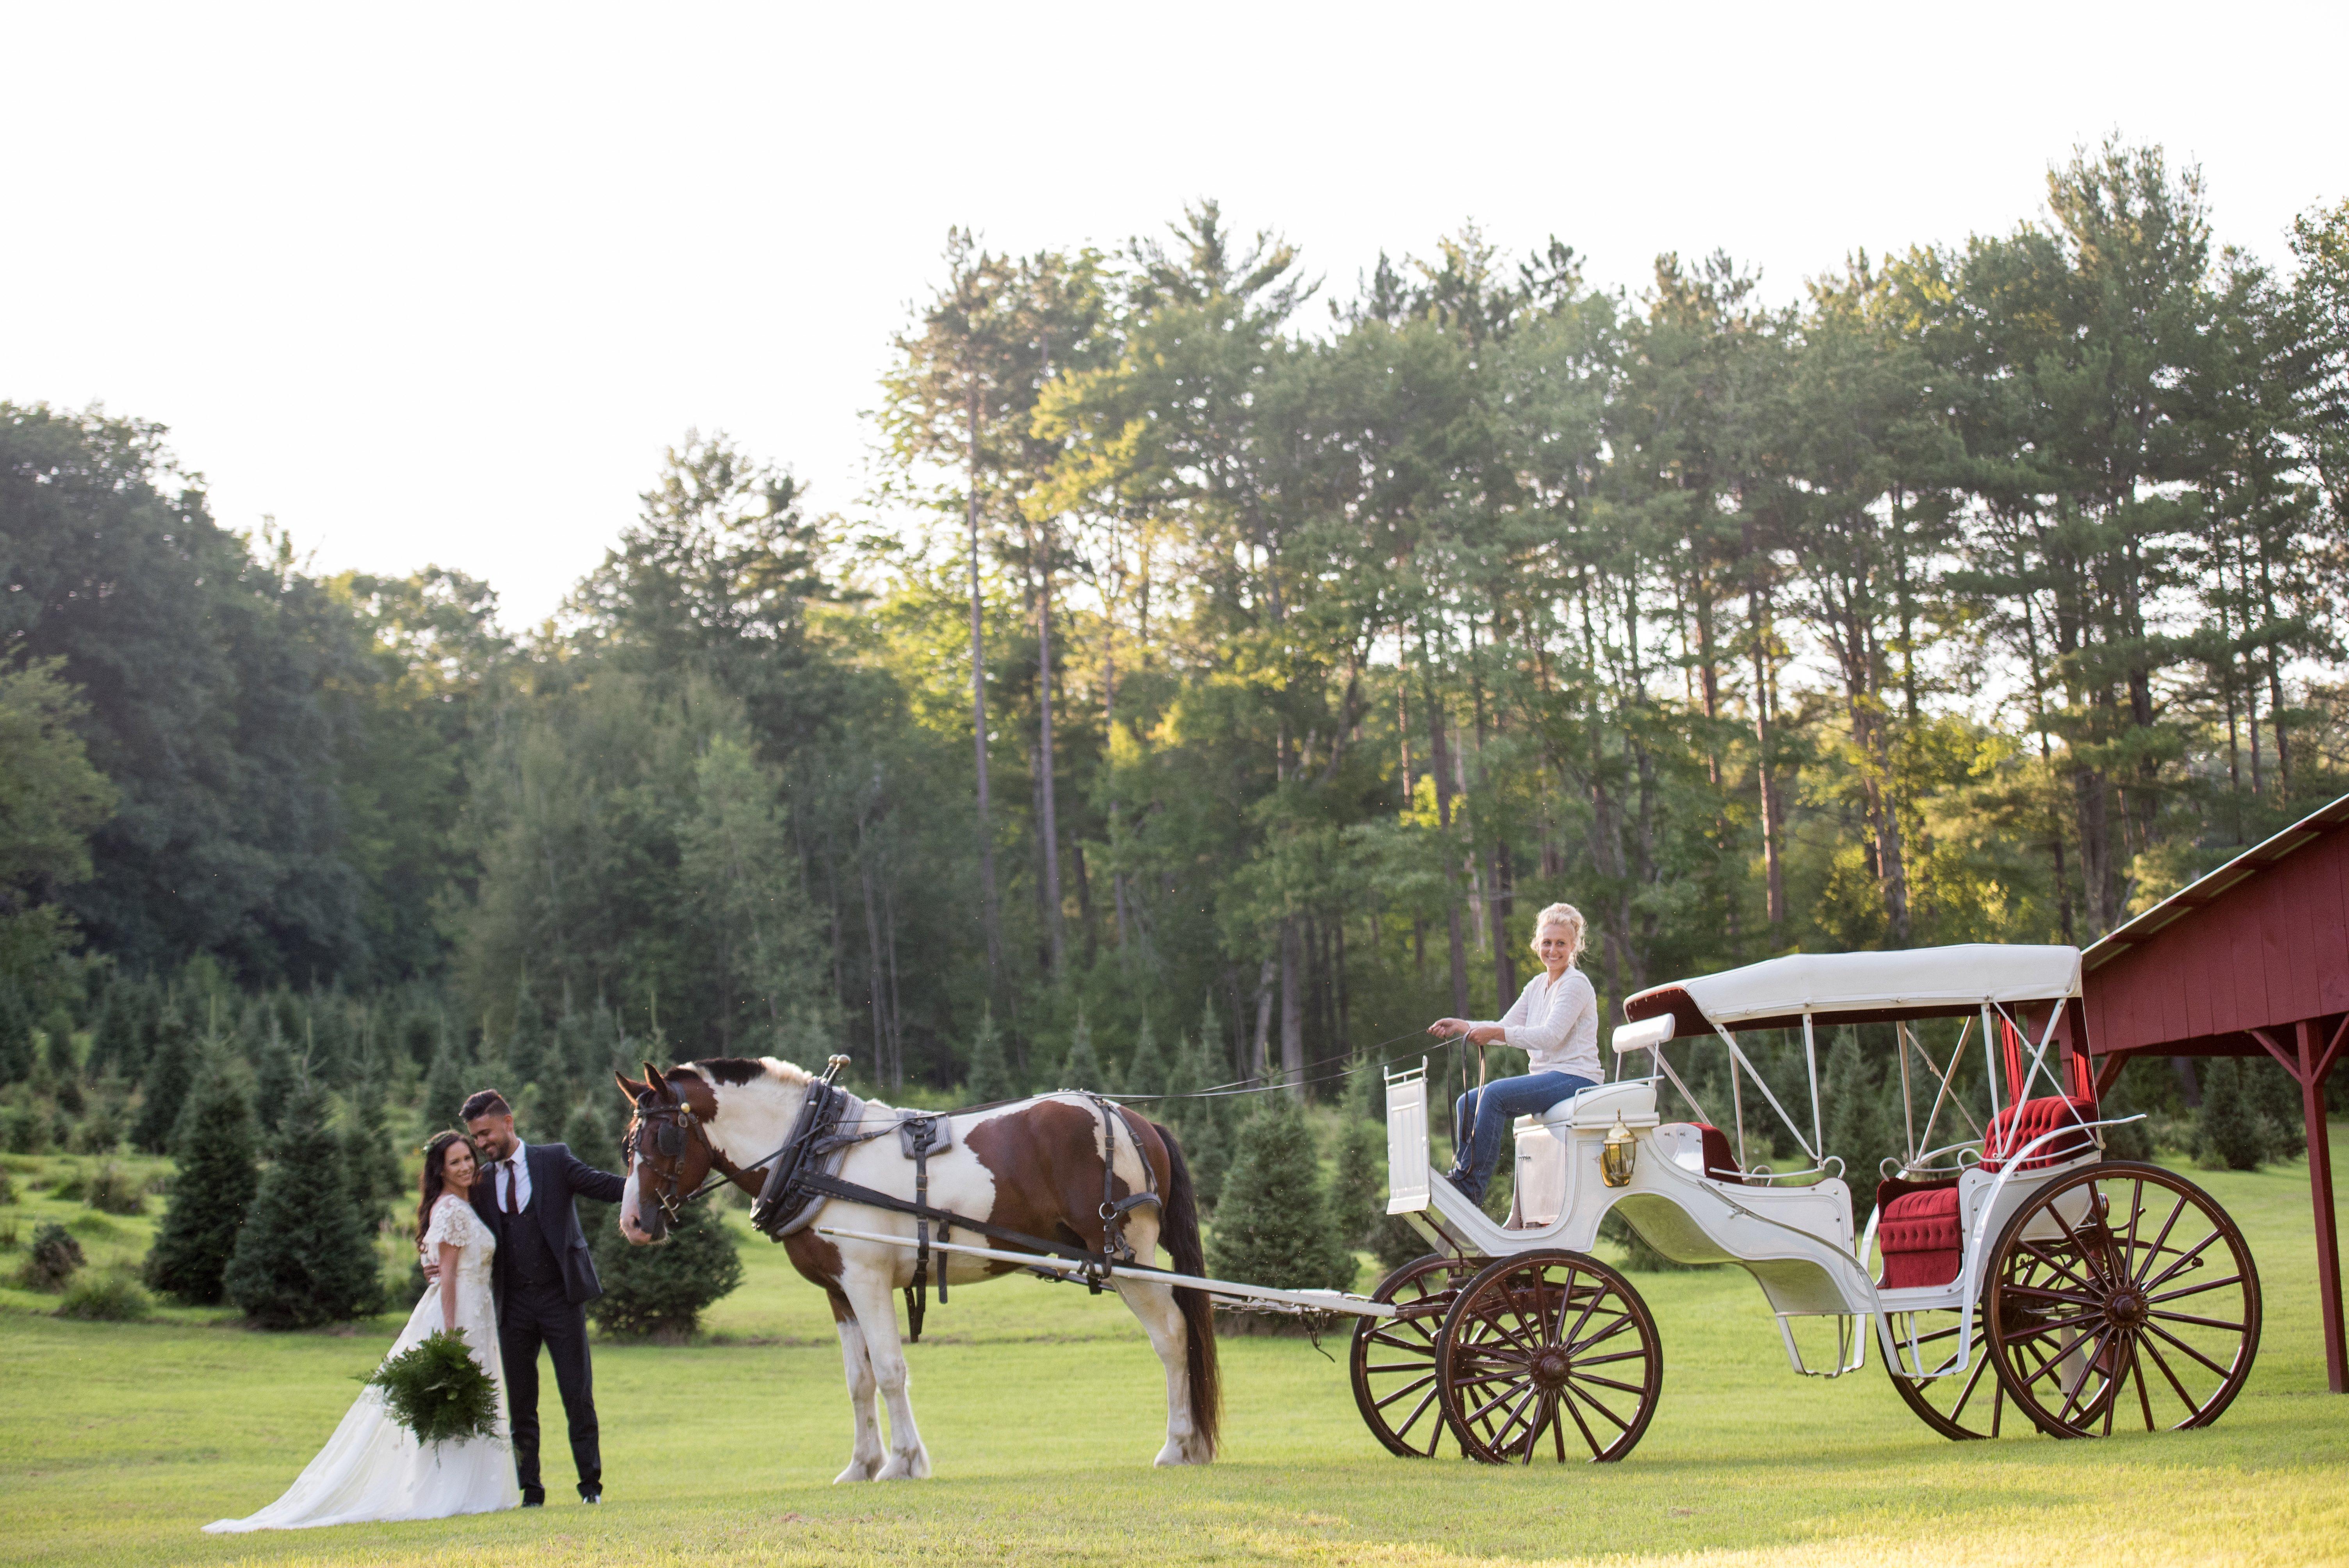 Tuckaway Tree Farm Carriage